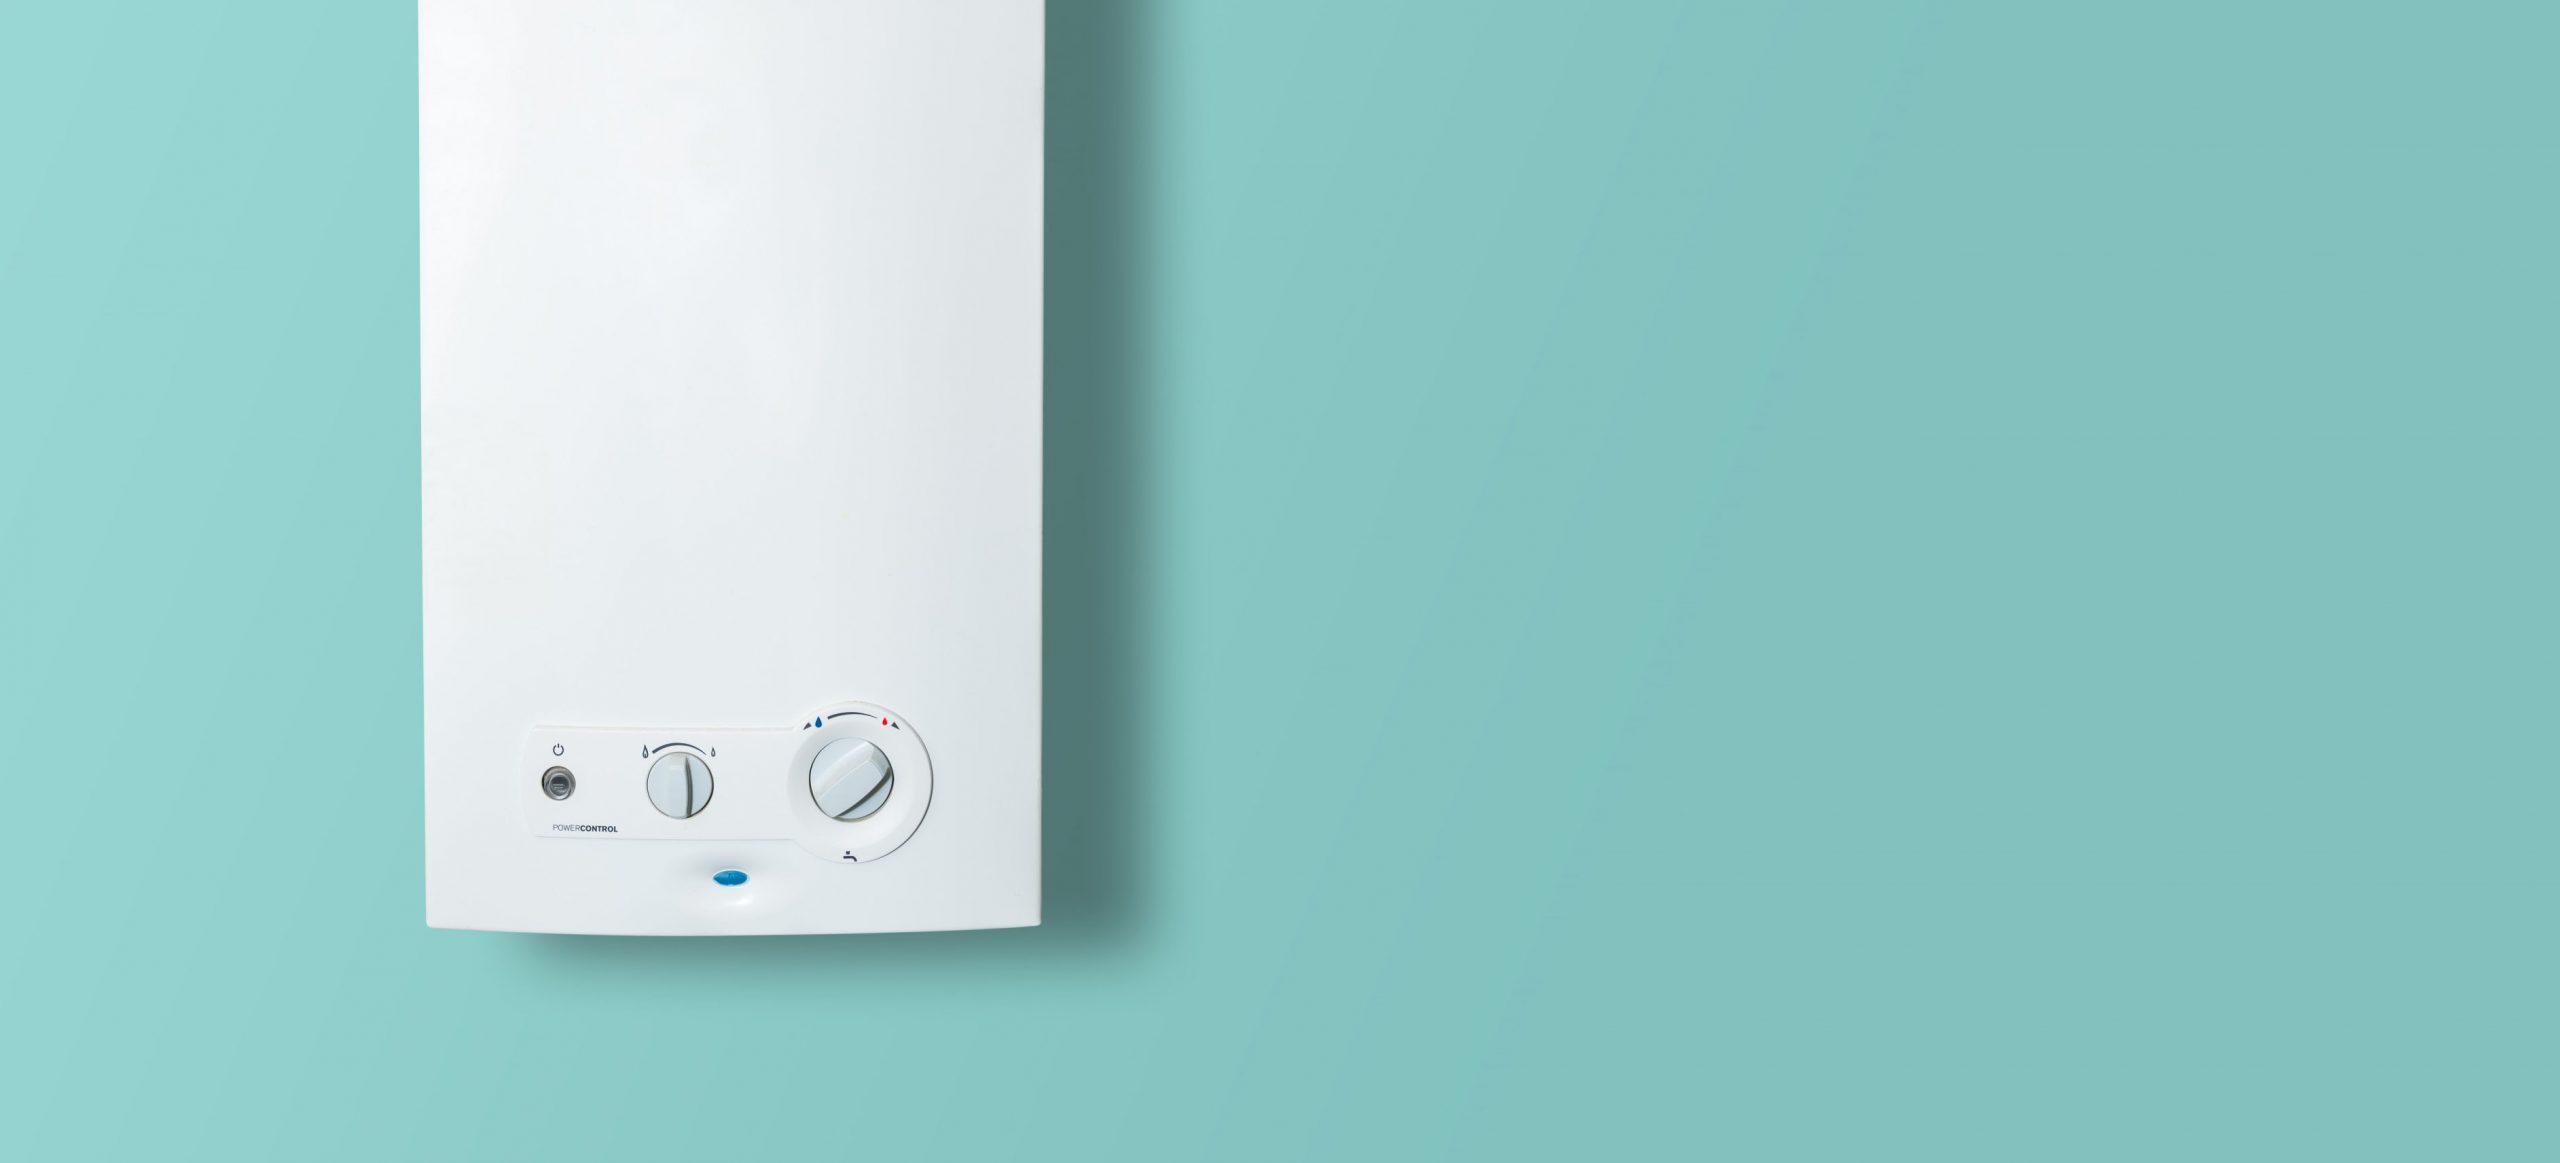 A photo of a combi boiler